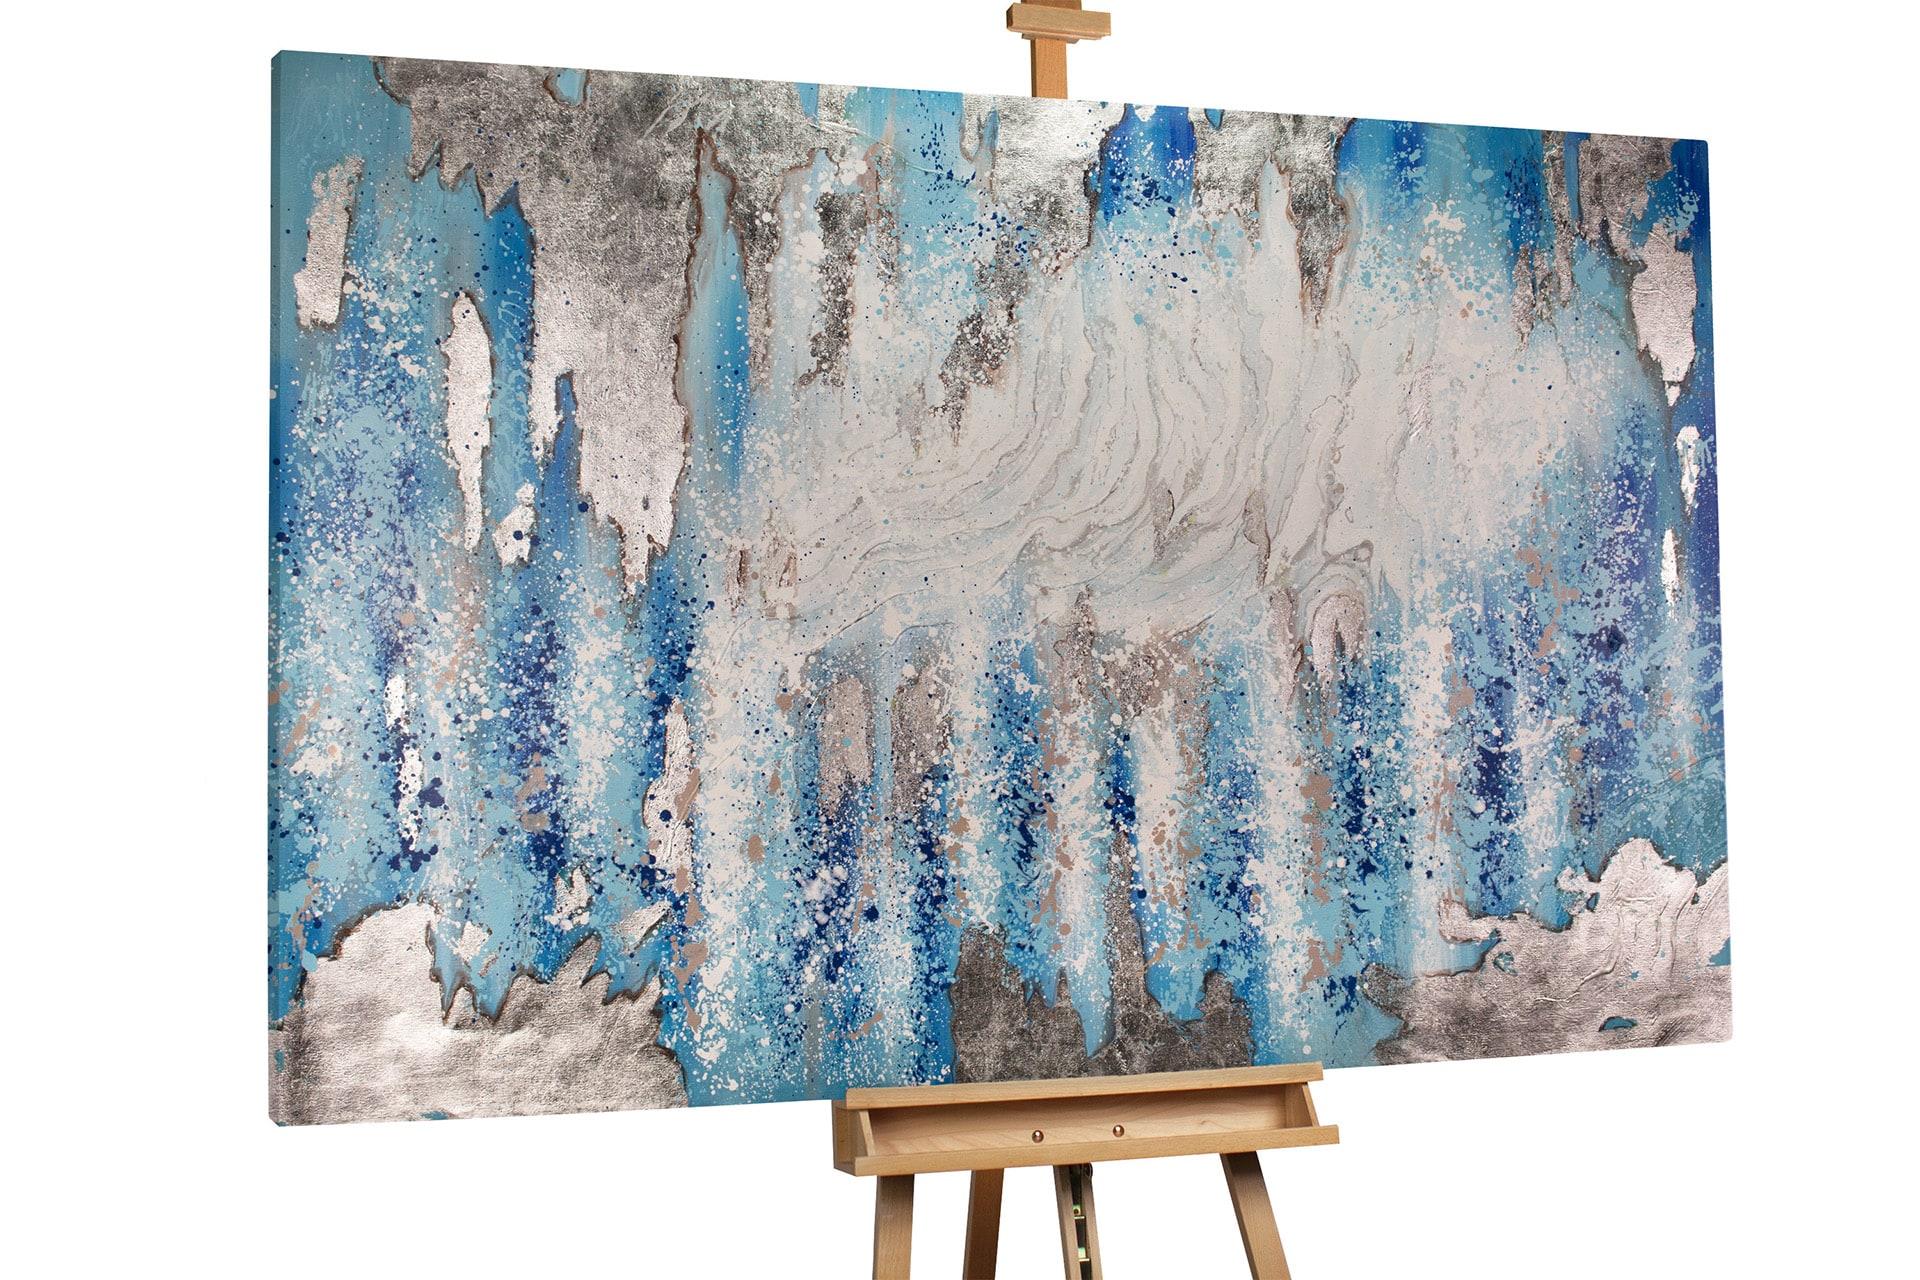 kl deko abstrakt weiss blau wasser licht modern acryl gemaelde oel bild 02 min